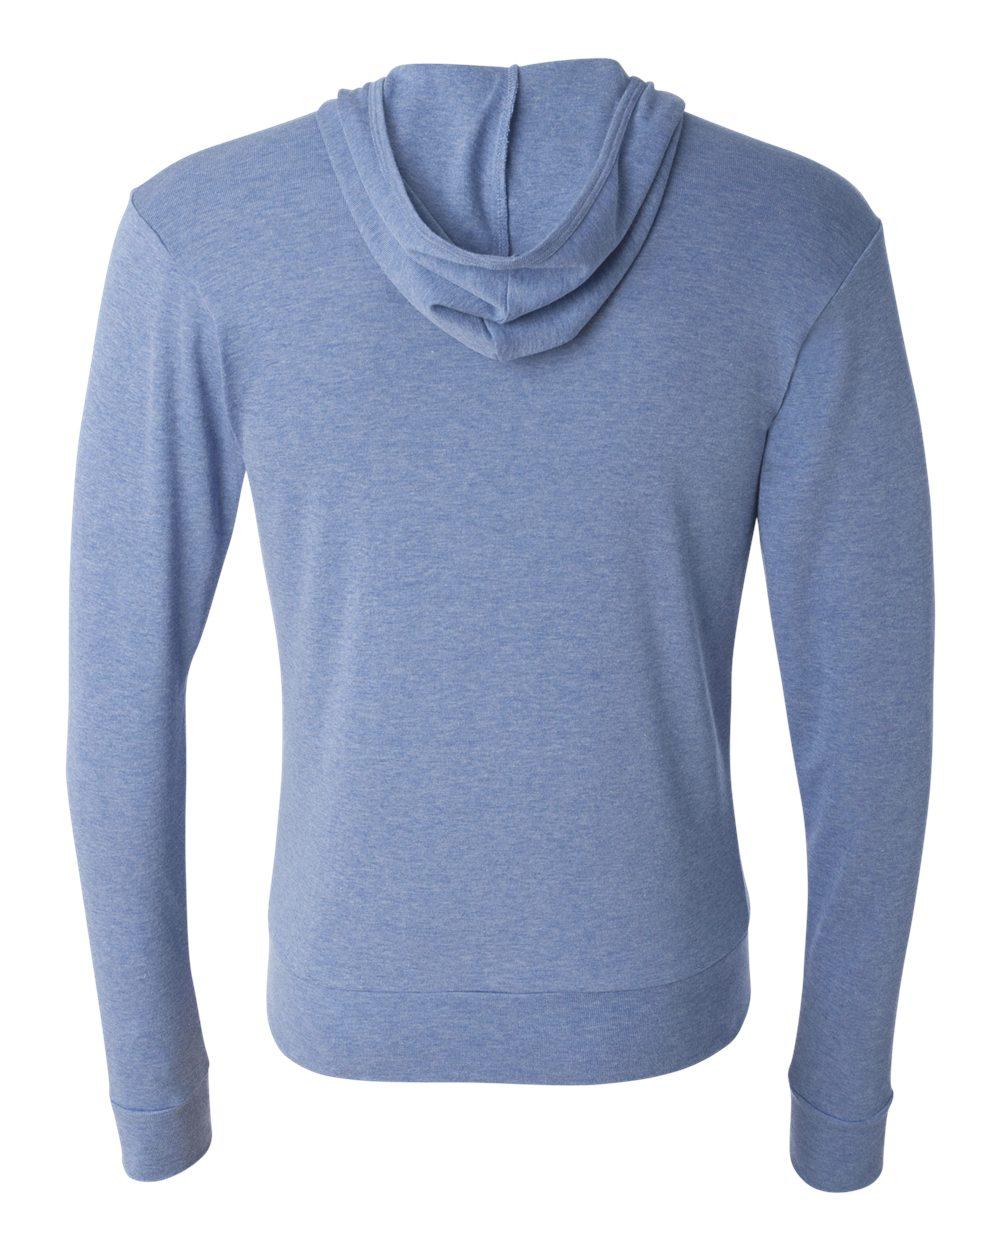 Bella-Canvas-Unisex-Triblend-Lightweight-Hooded-Full-Zip-T-Shirt-3939-upto-2XL thumbnail 7